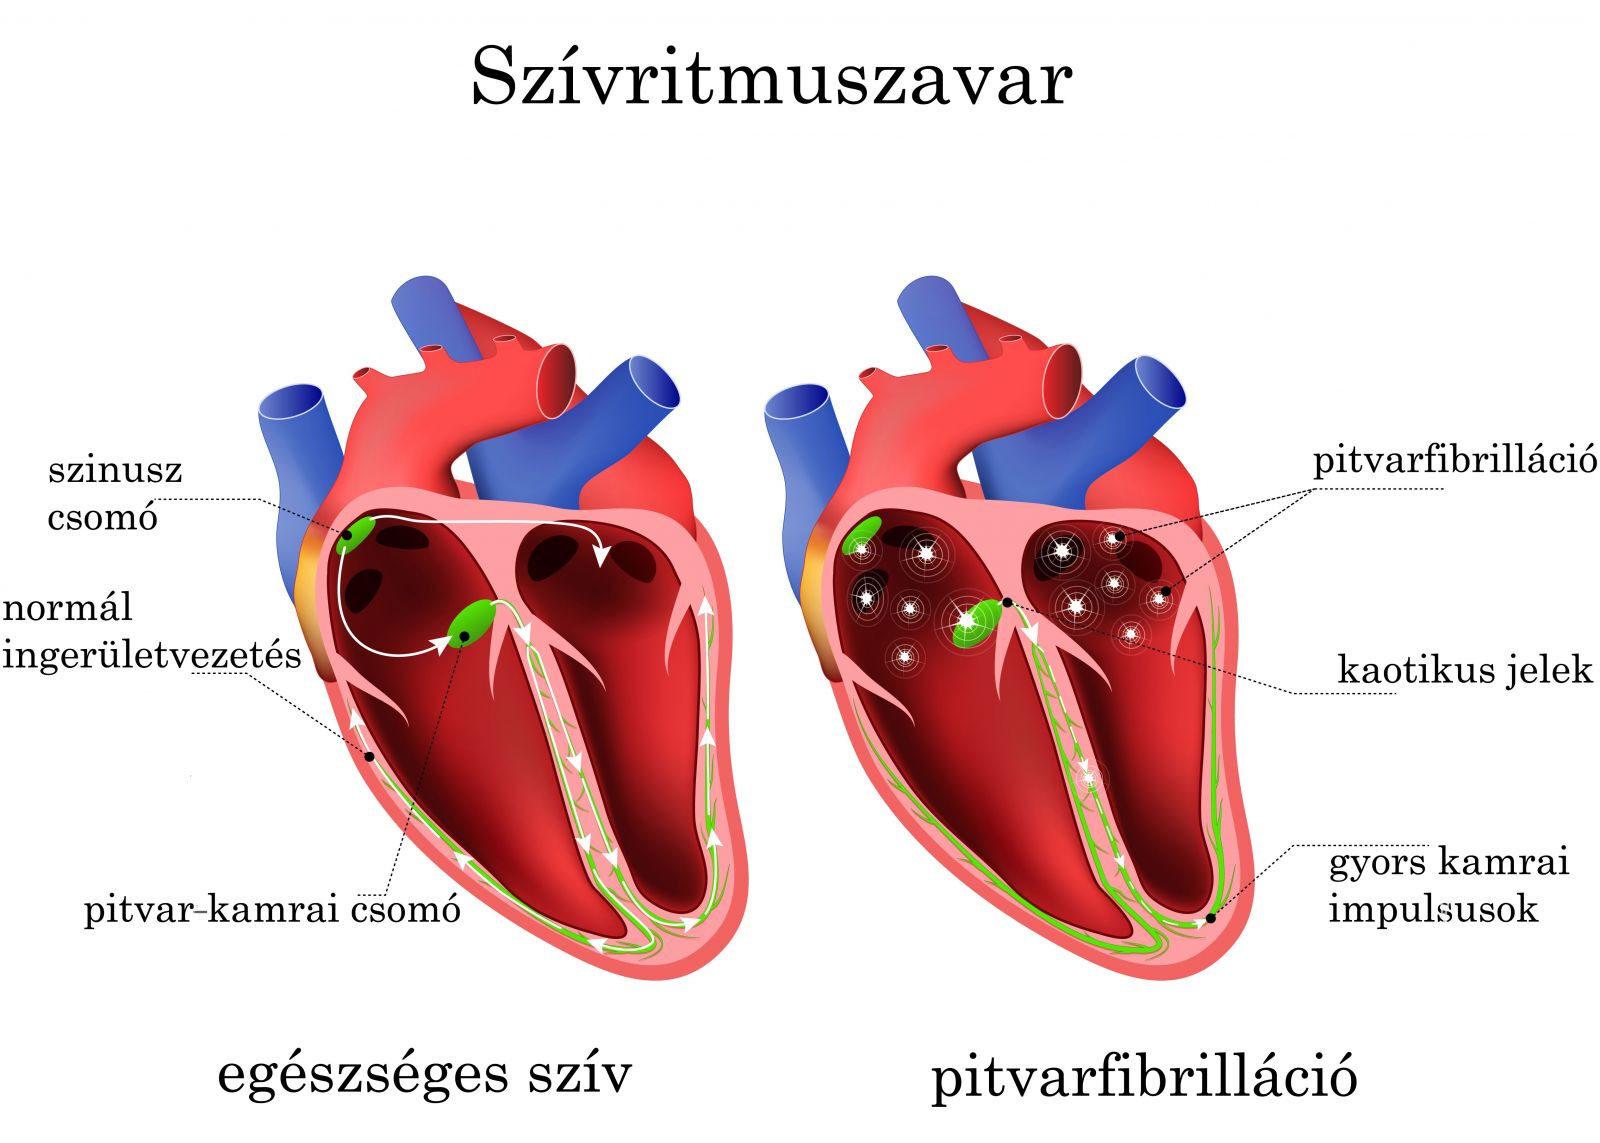 Szívritmuszavar: pajzsmirigy és diabétesz is okozhatja